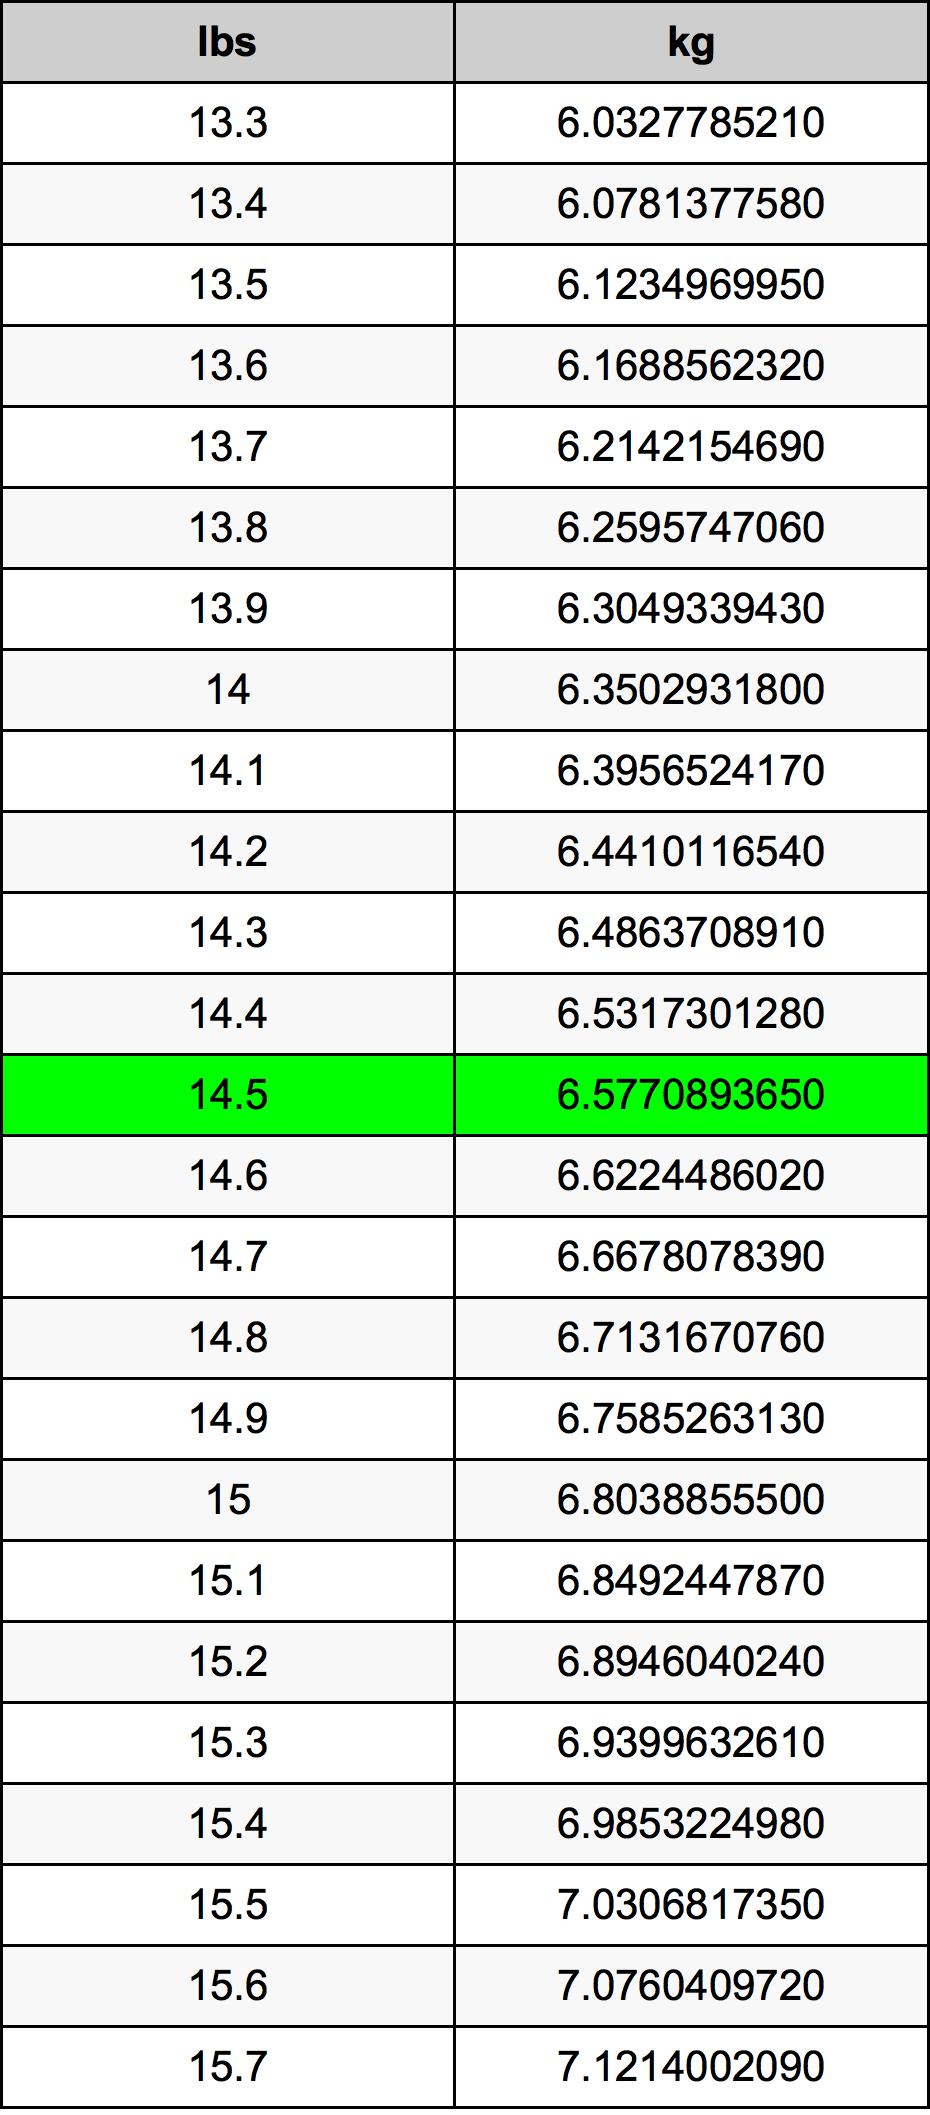 14.5 Libbra tabella di conversione